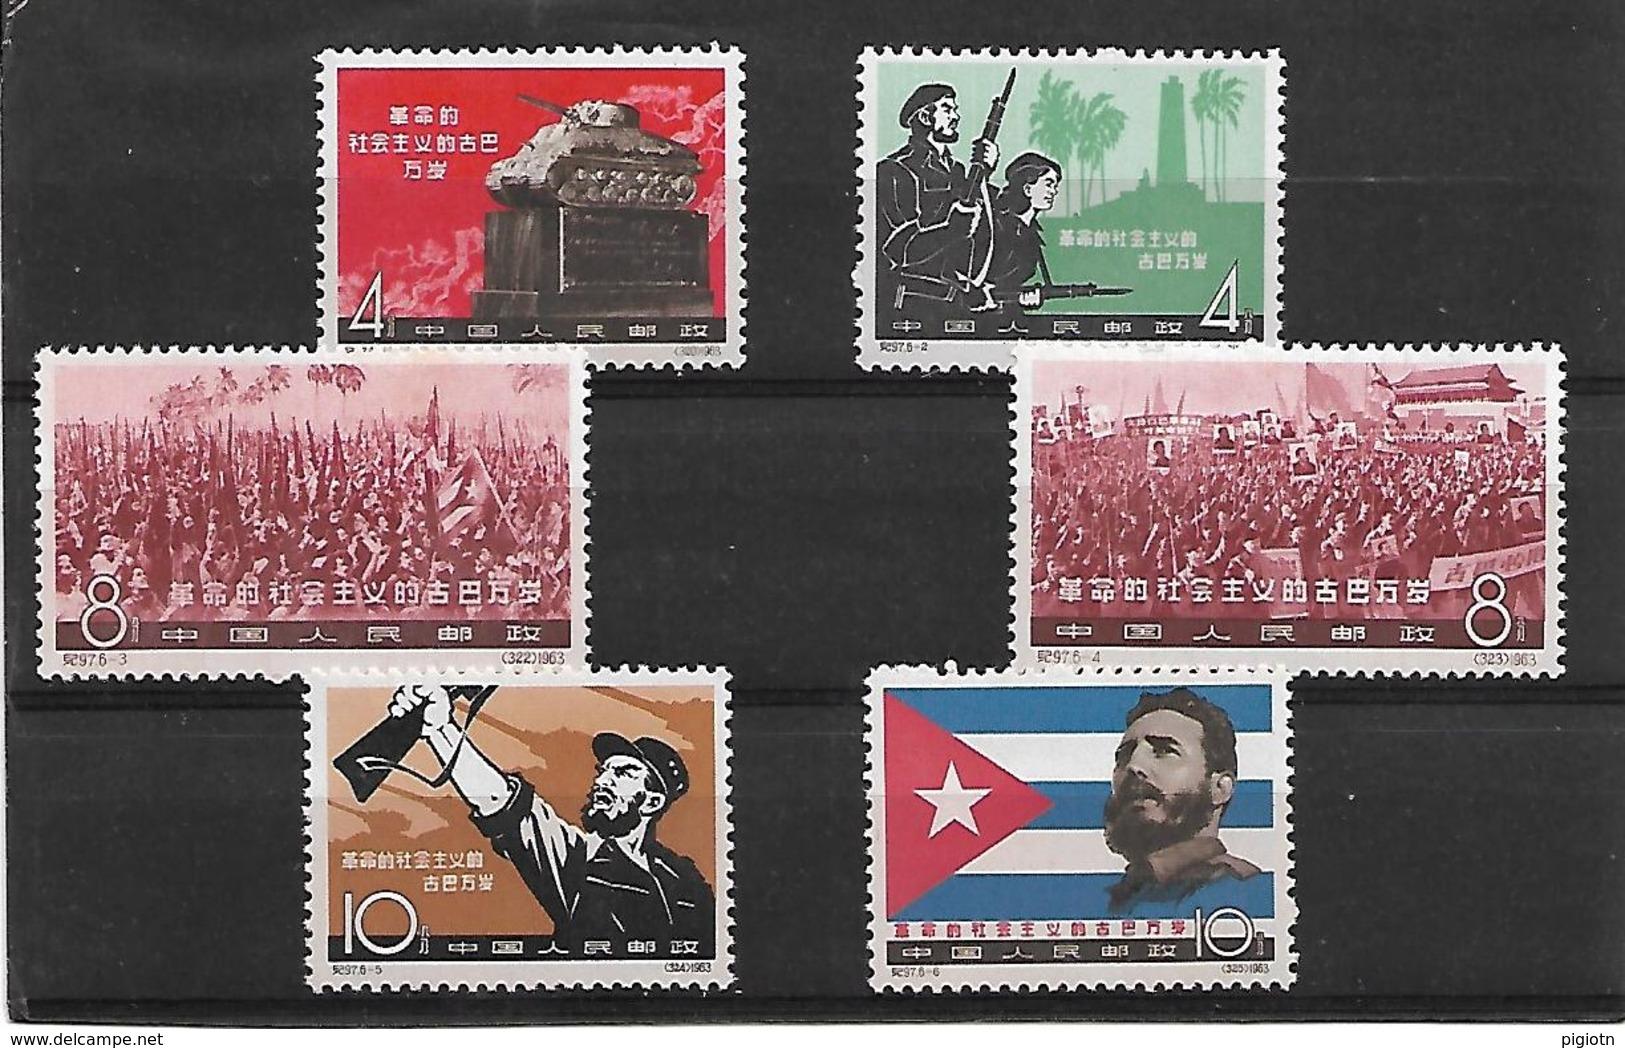 CINA012 - 1963 CINA STAMPS - 4° ANNIVERSARIO DELLA RIVOLUZIONE CUBANA - NUOVA! GOMMA INTEGRA PERFETTA ** - 1949 - ... Repubblica Popolare